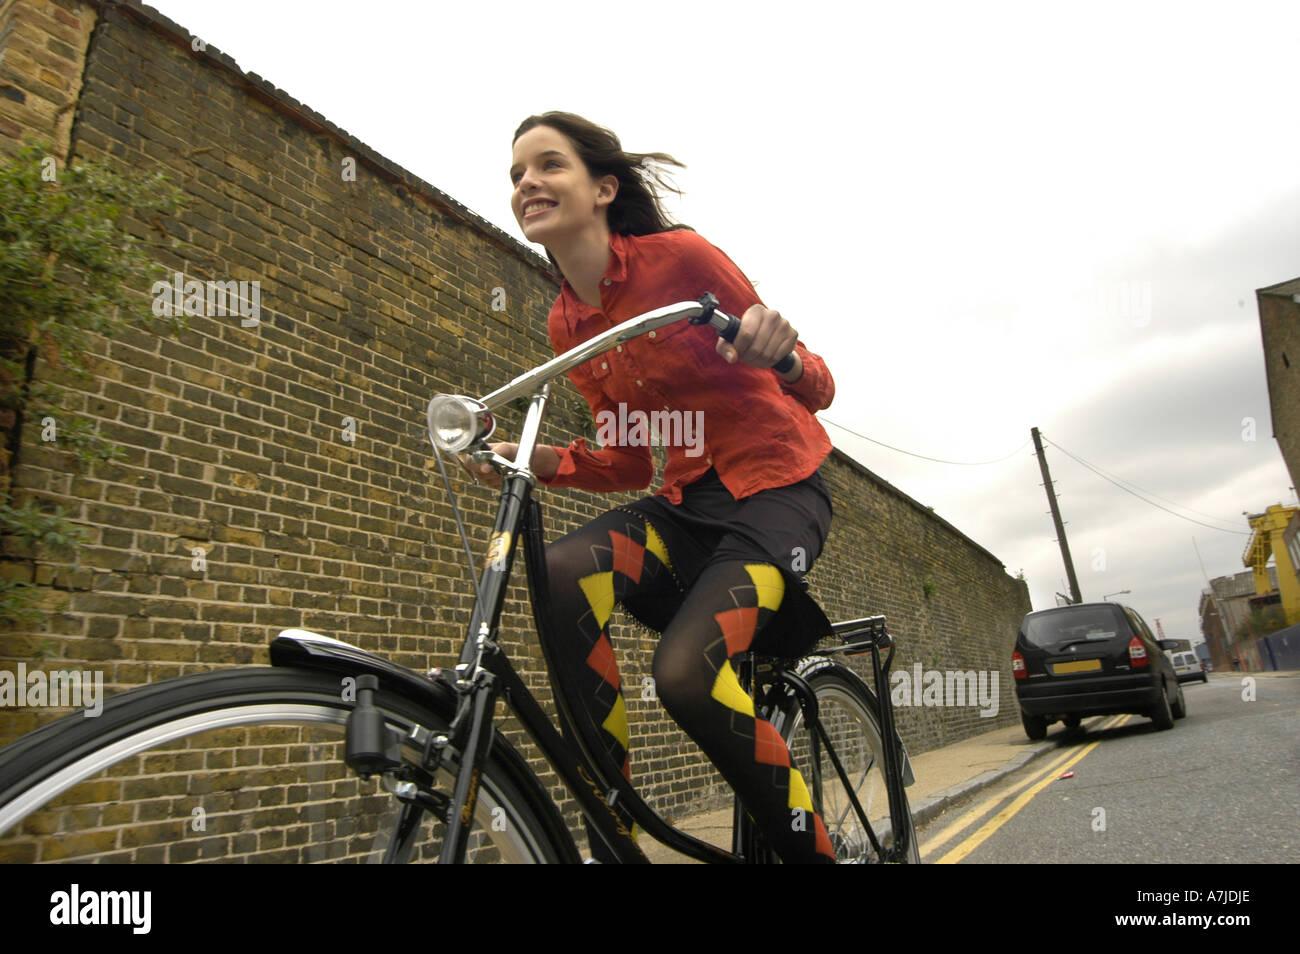 Una ragazza accelerando su un vecchio modello di ciclo su una strada con un muro di mattoni di fianco ed una macchina parcheggiata in background. Immagini Stock